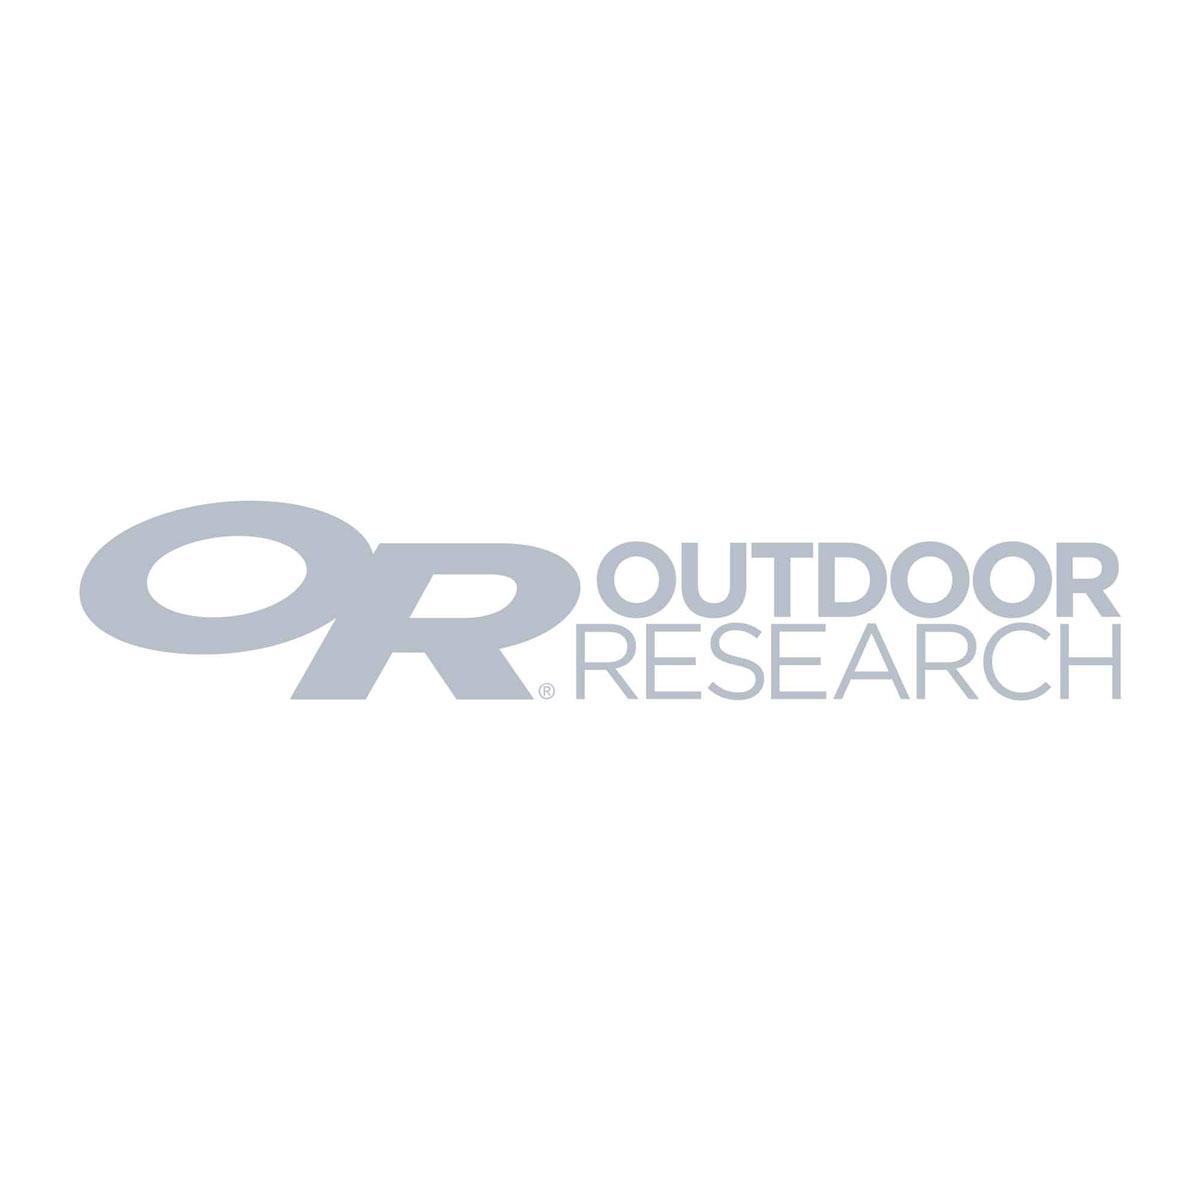 Canada Goose coats sale 2016 - Outdoor Research | Men's: Men's Jackets, Waterproof & Winter ...